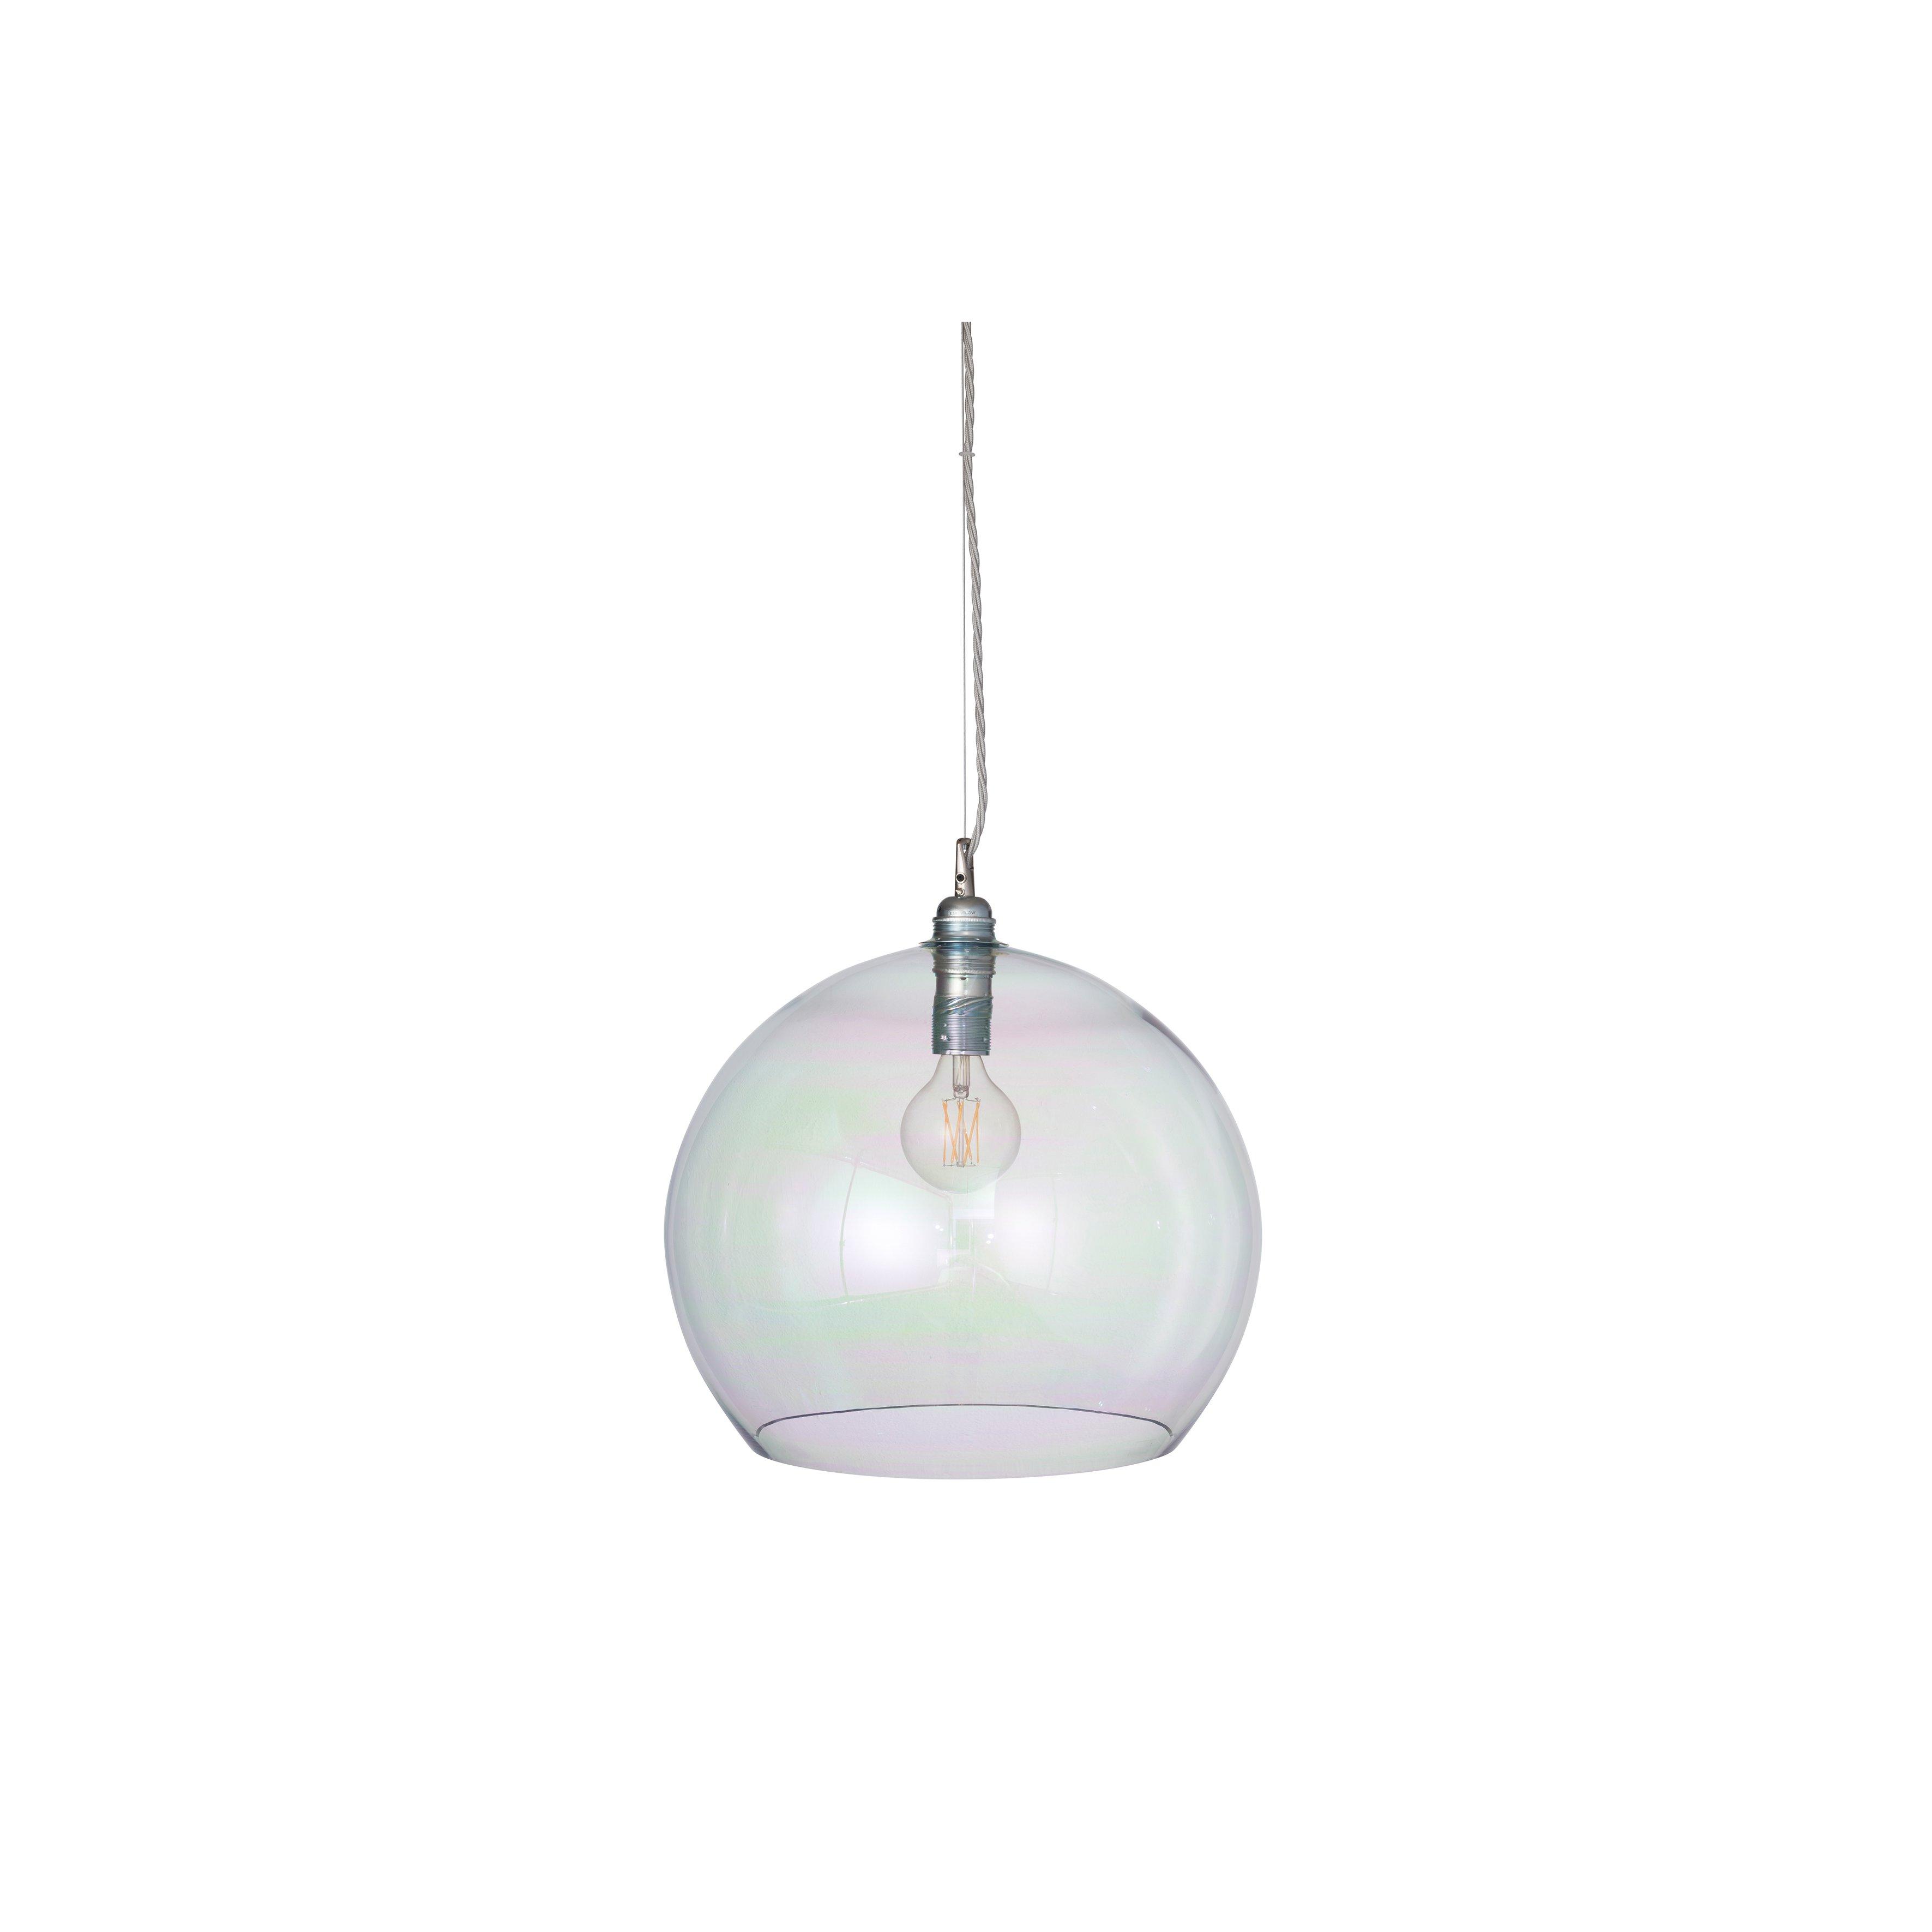 image-Rowan Pendant Lamp 39cm , Chameleon / Silver